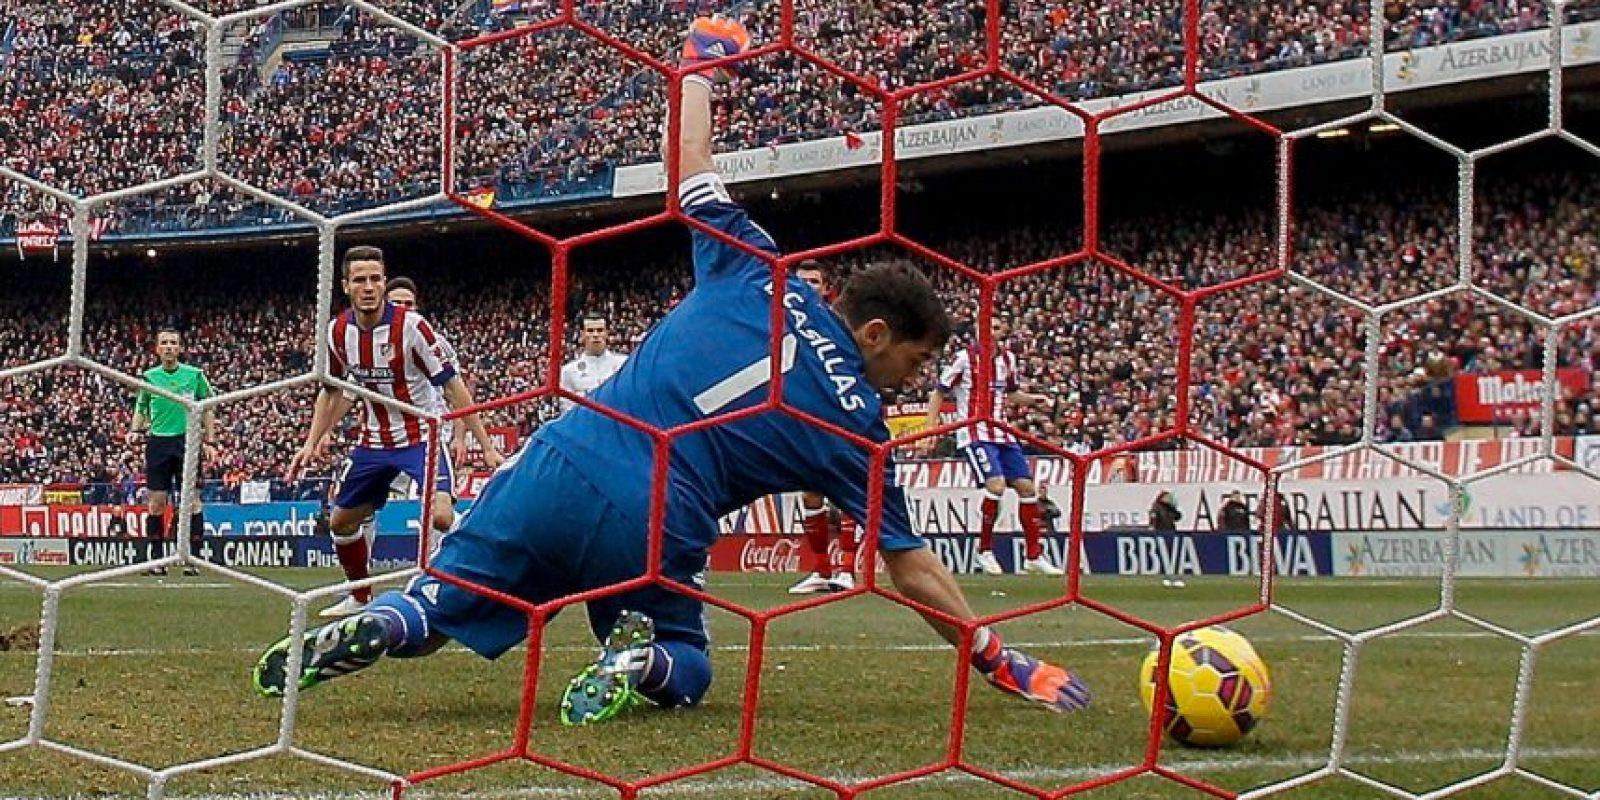 5. Iker Casillas continúa con actuaciones irregulares Foto:Getty